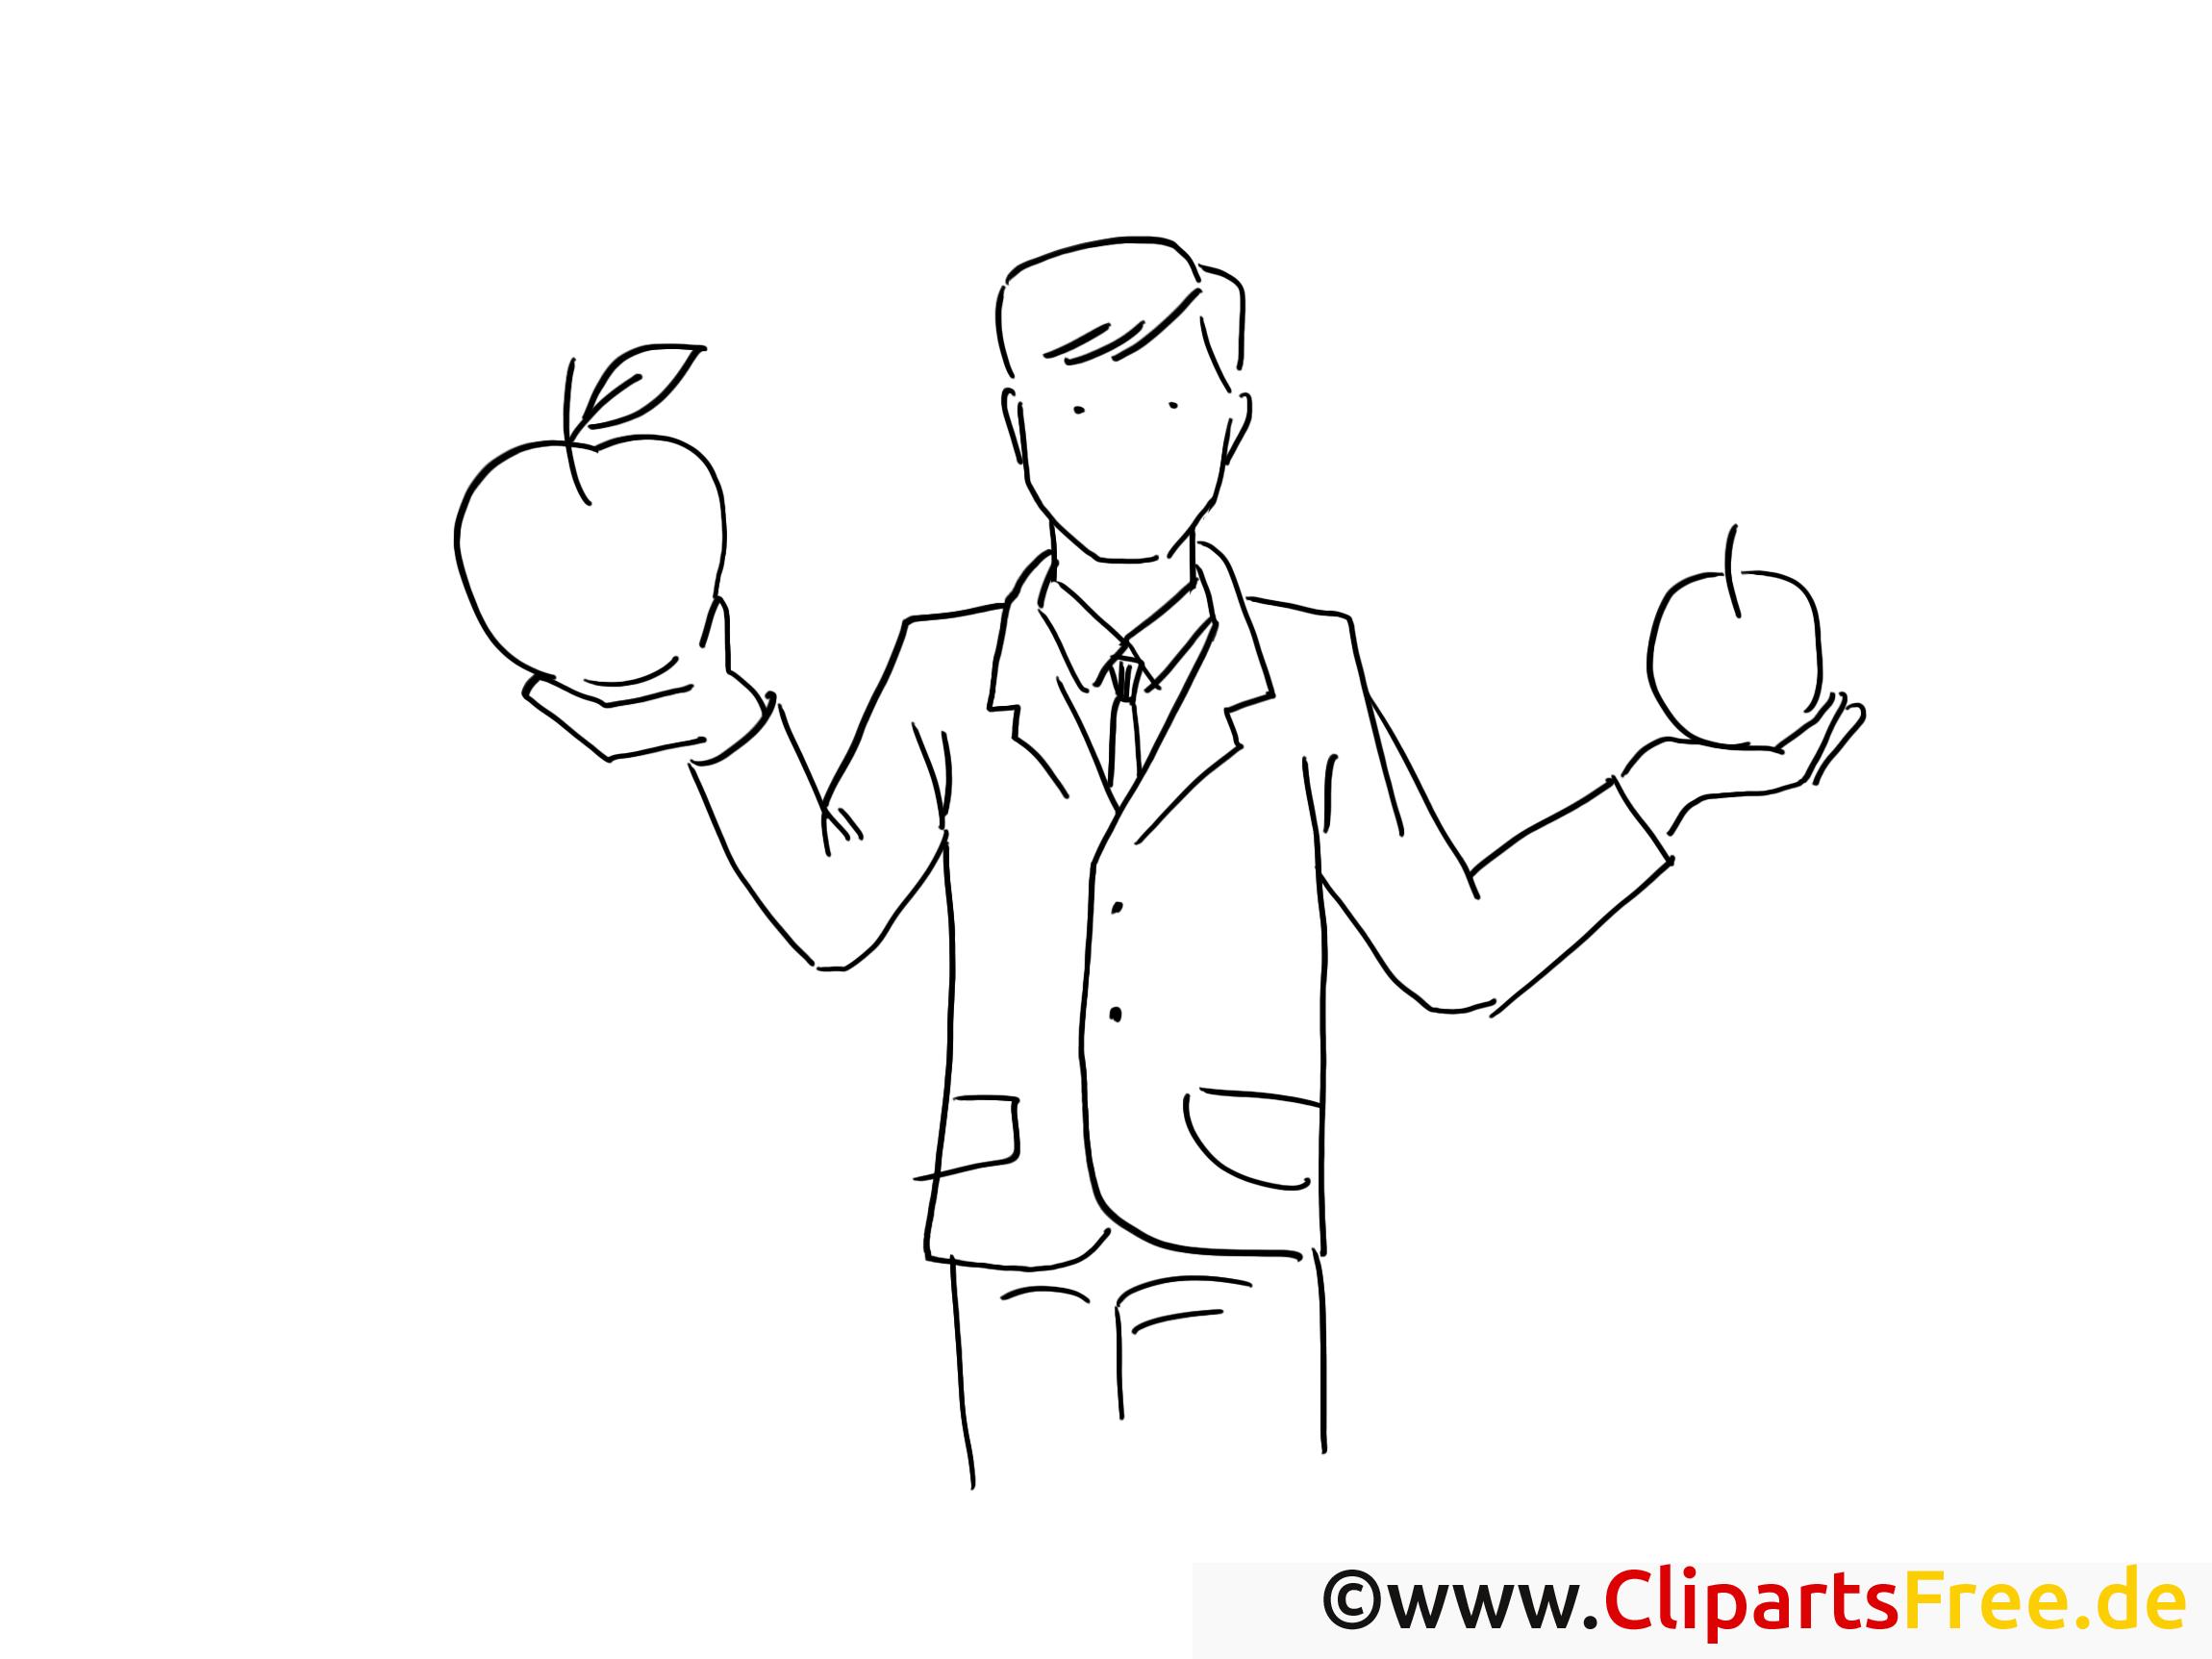 Äpfel mit Äpfeln vergleichen - Bilder zum Drucken und Ausmalen